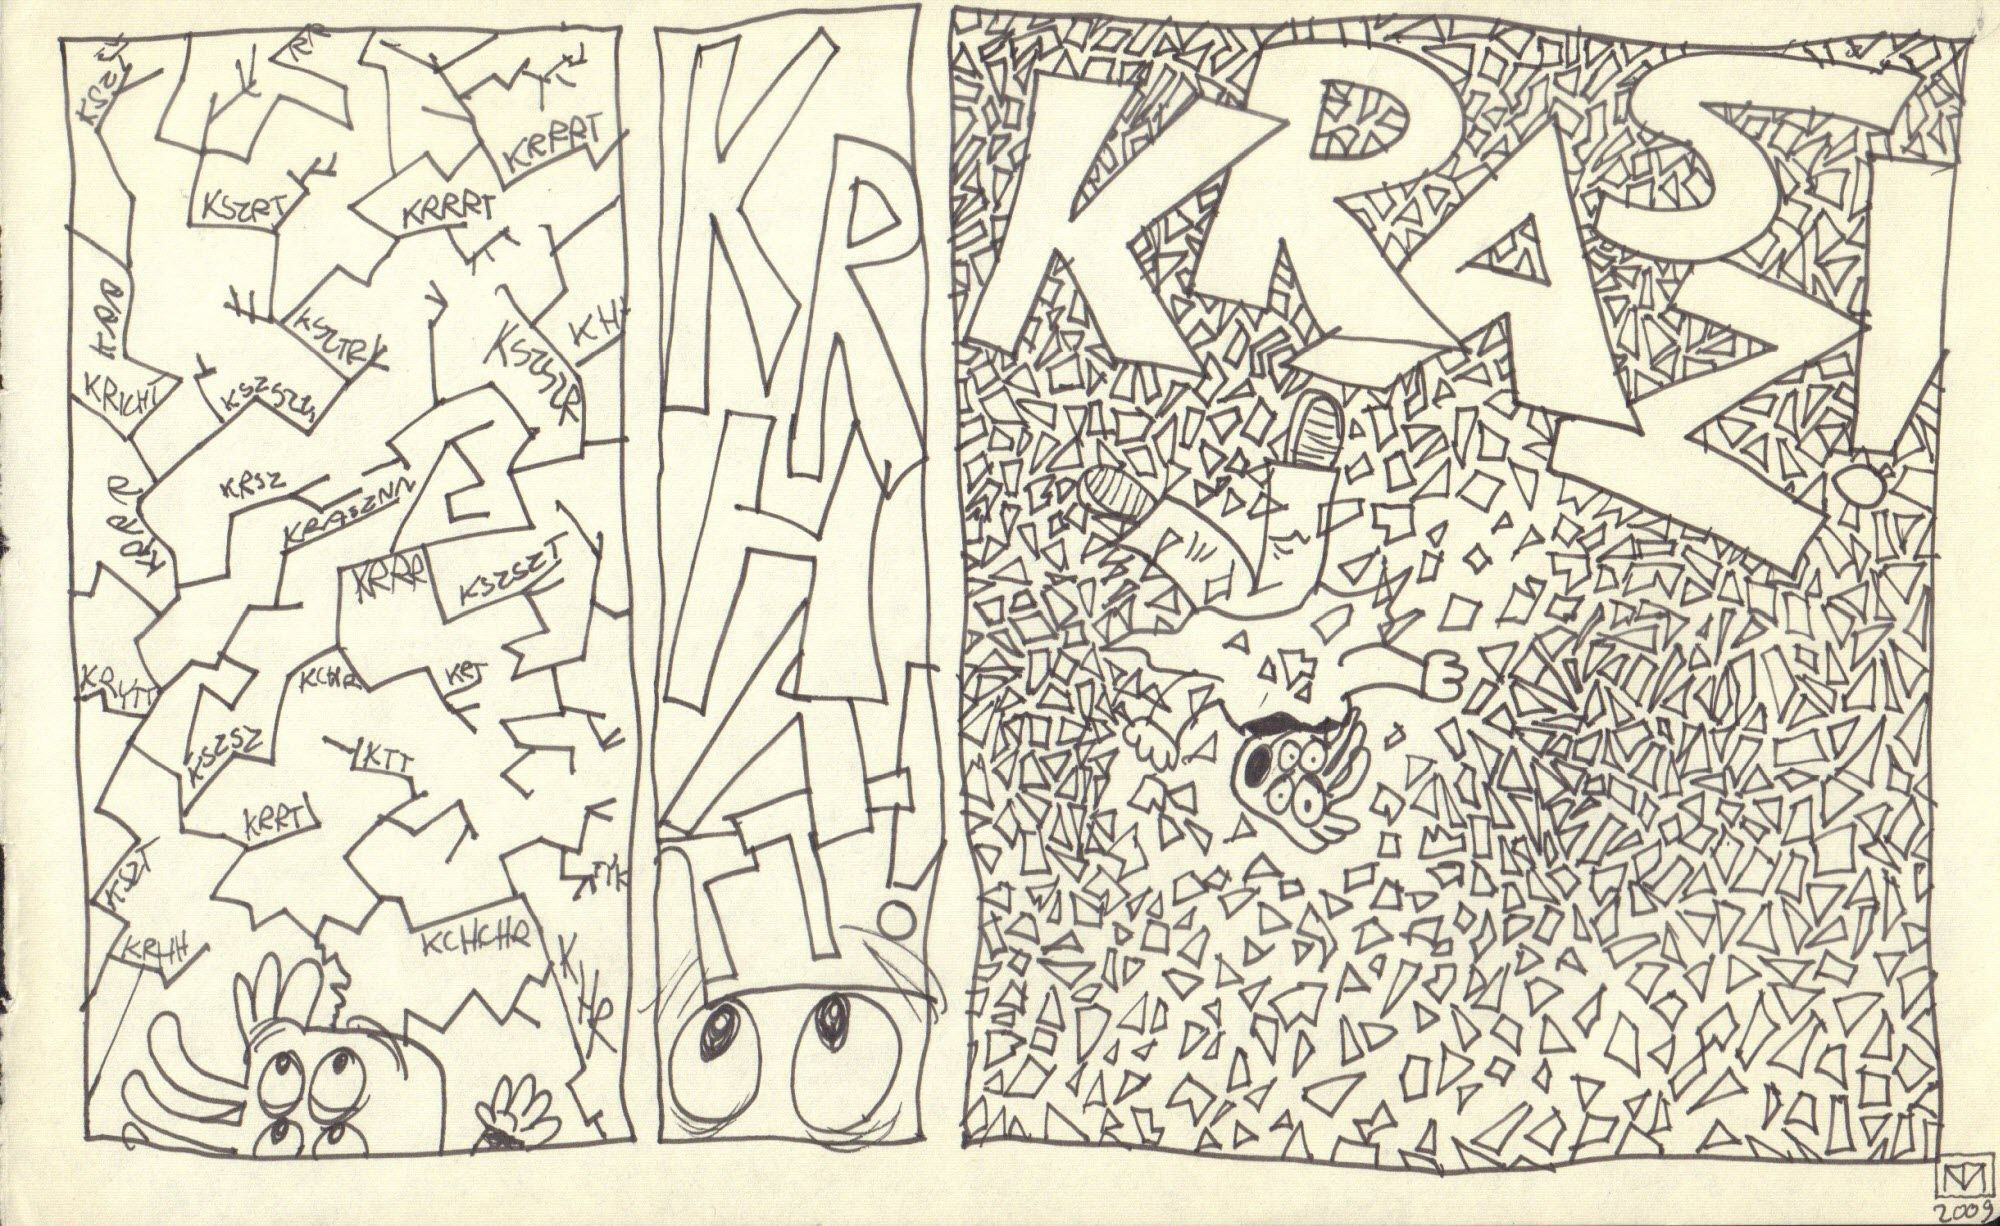 Strona z komiksu Ajlajktobi